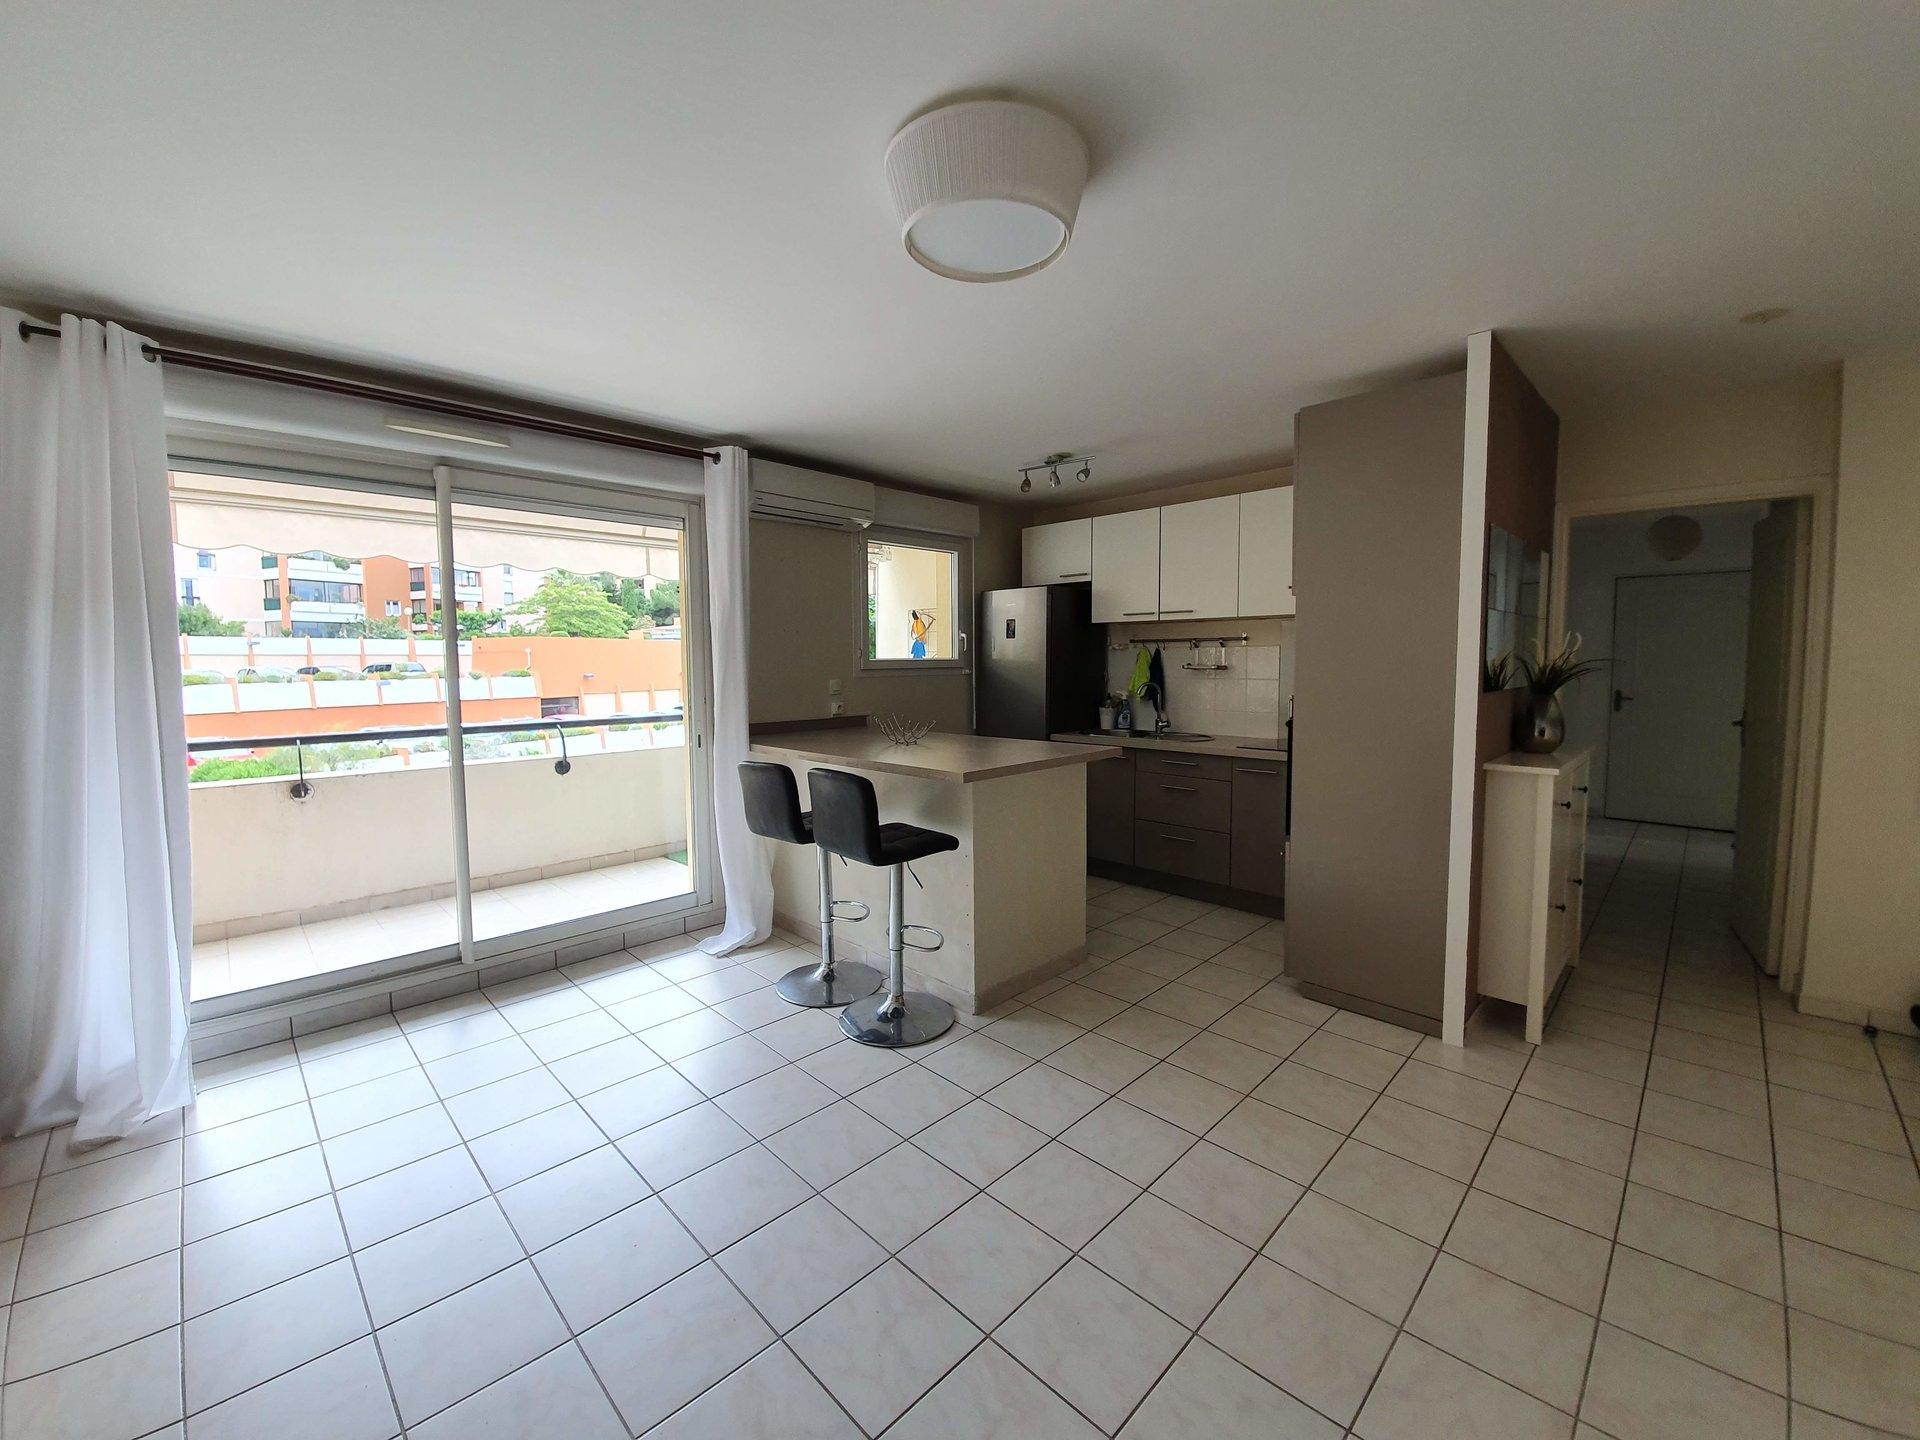 Appartement T3 de 61 m²